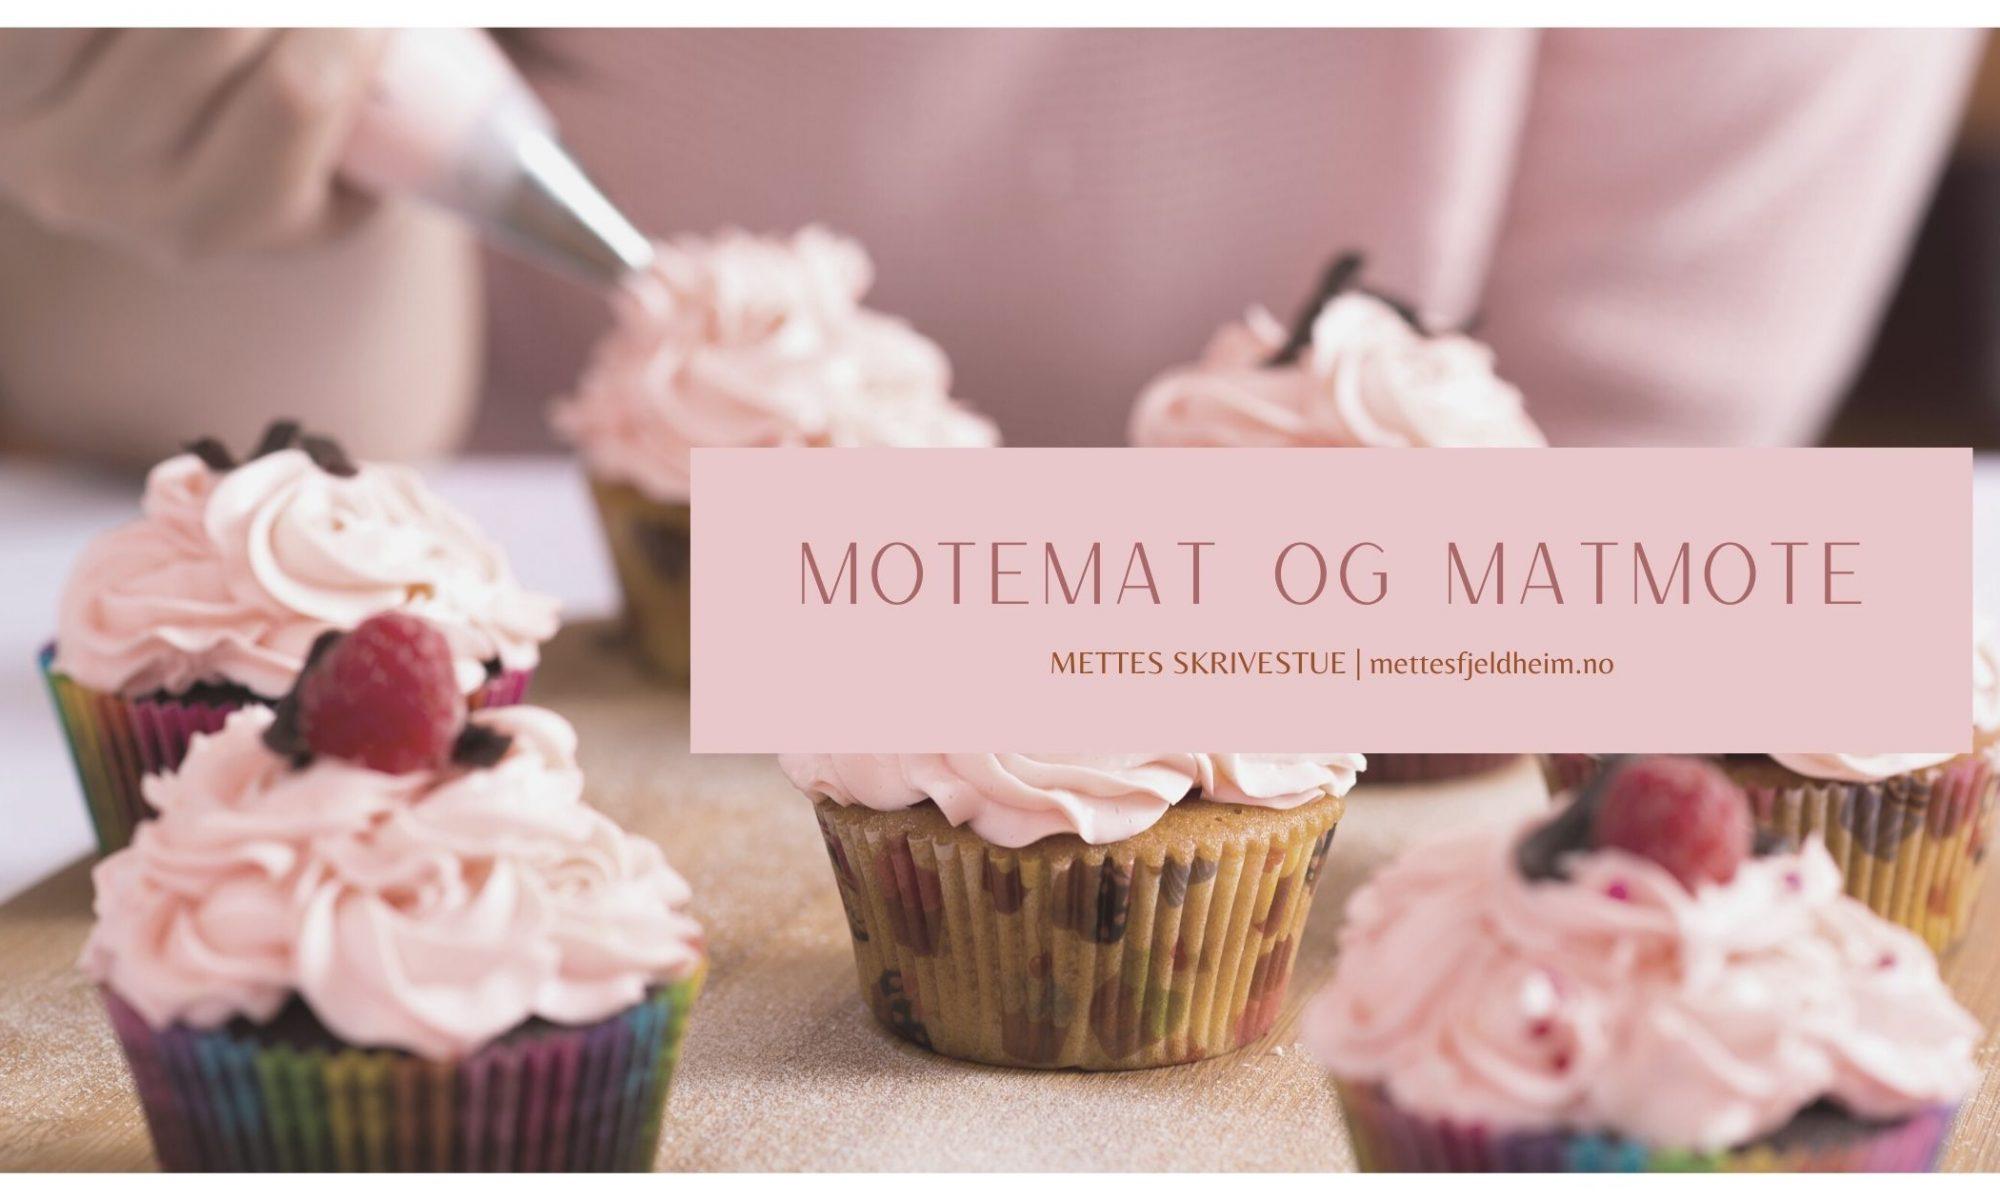 Cupcakes illustrasjonsbilde petit om matmote